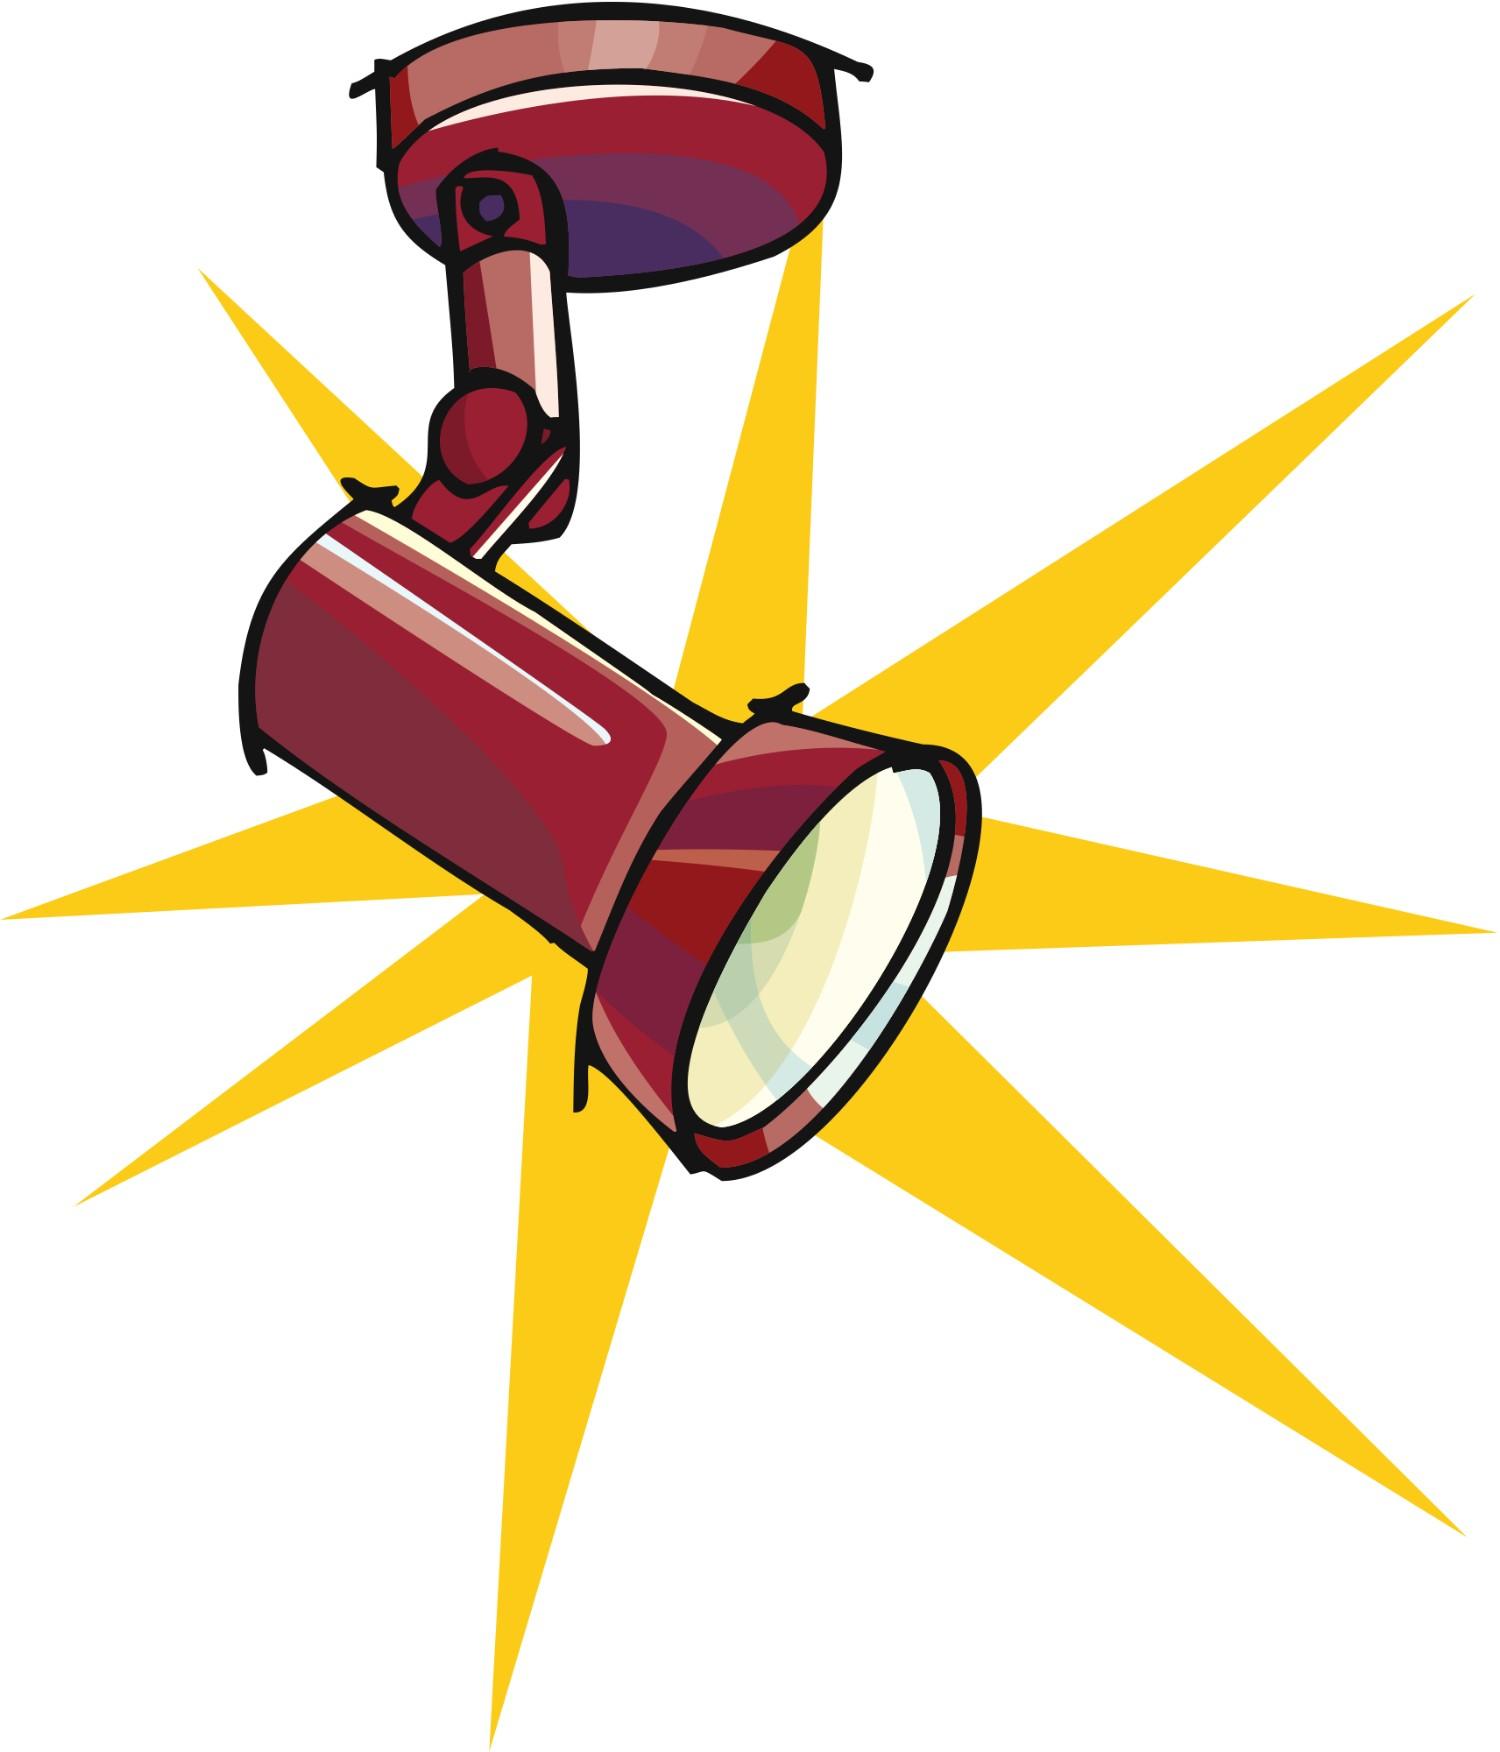 spotlight clipart - Jaxstorm.realverse.us